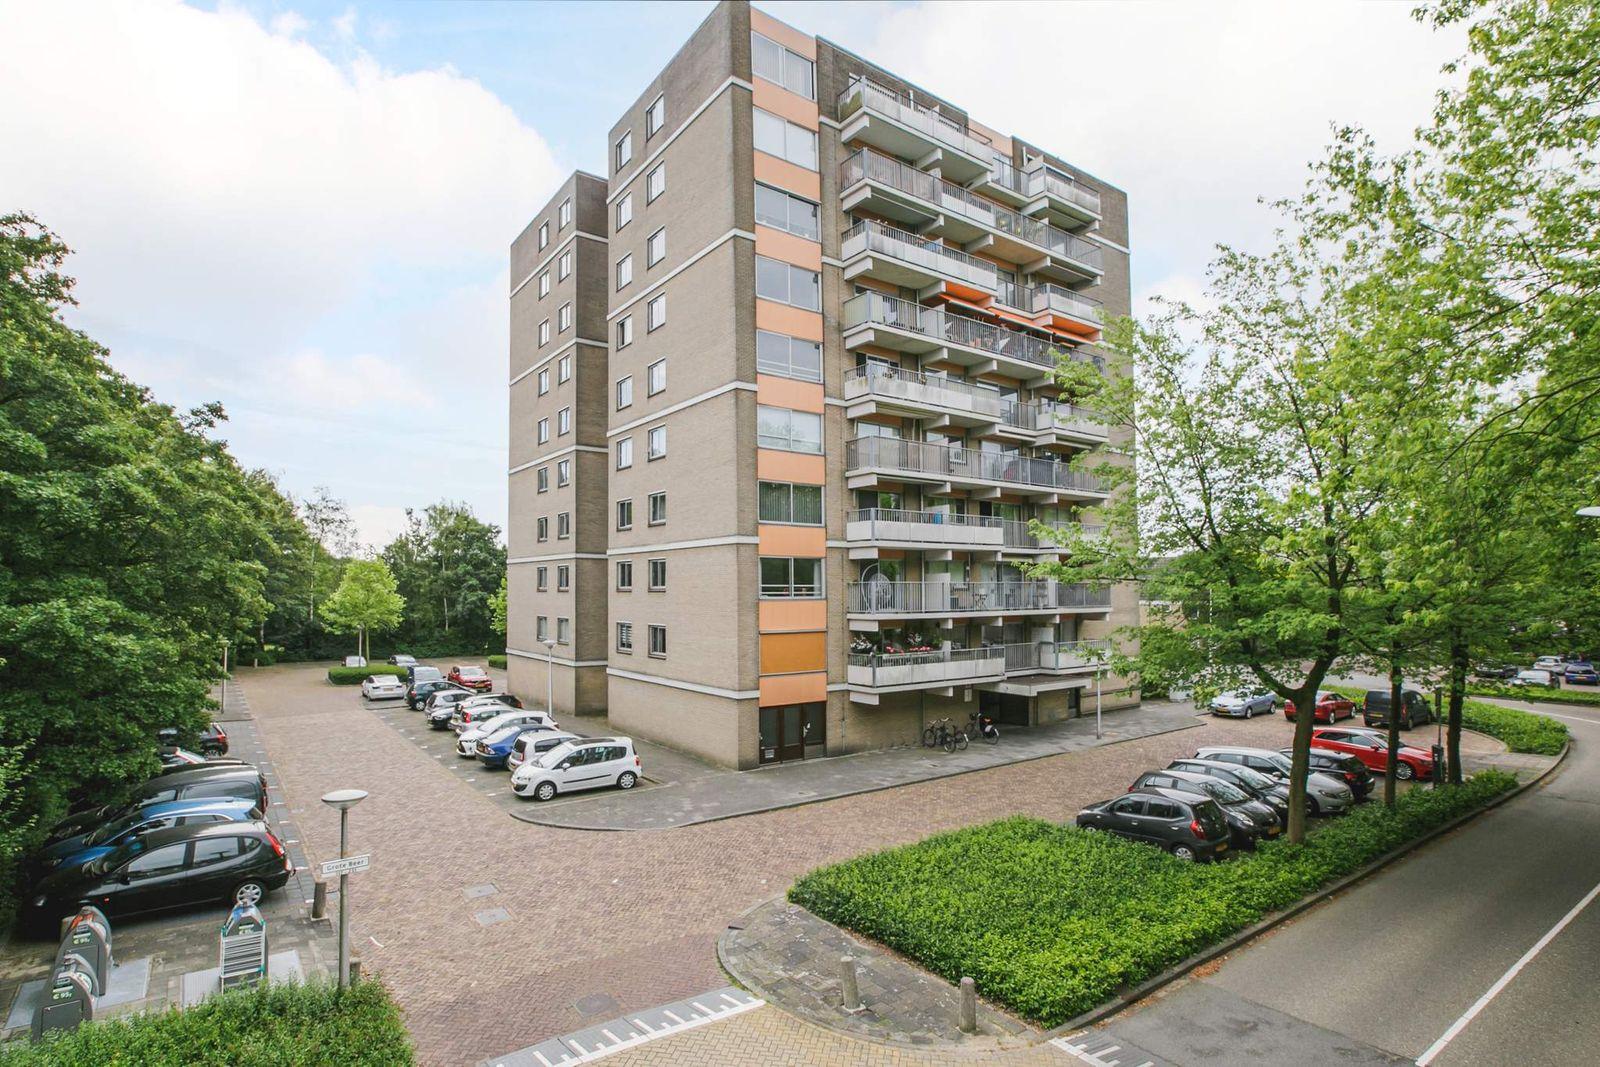 Grote Beer 159, Amstelveen